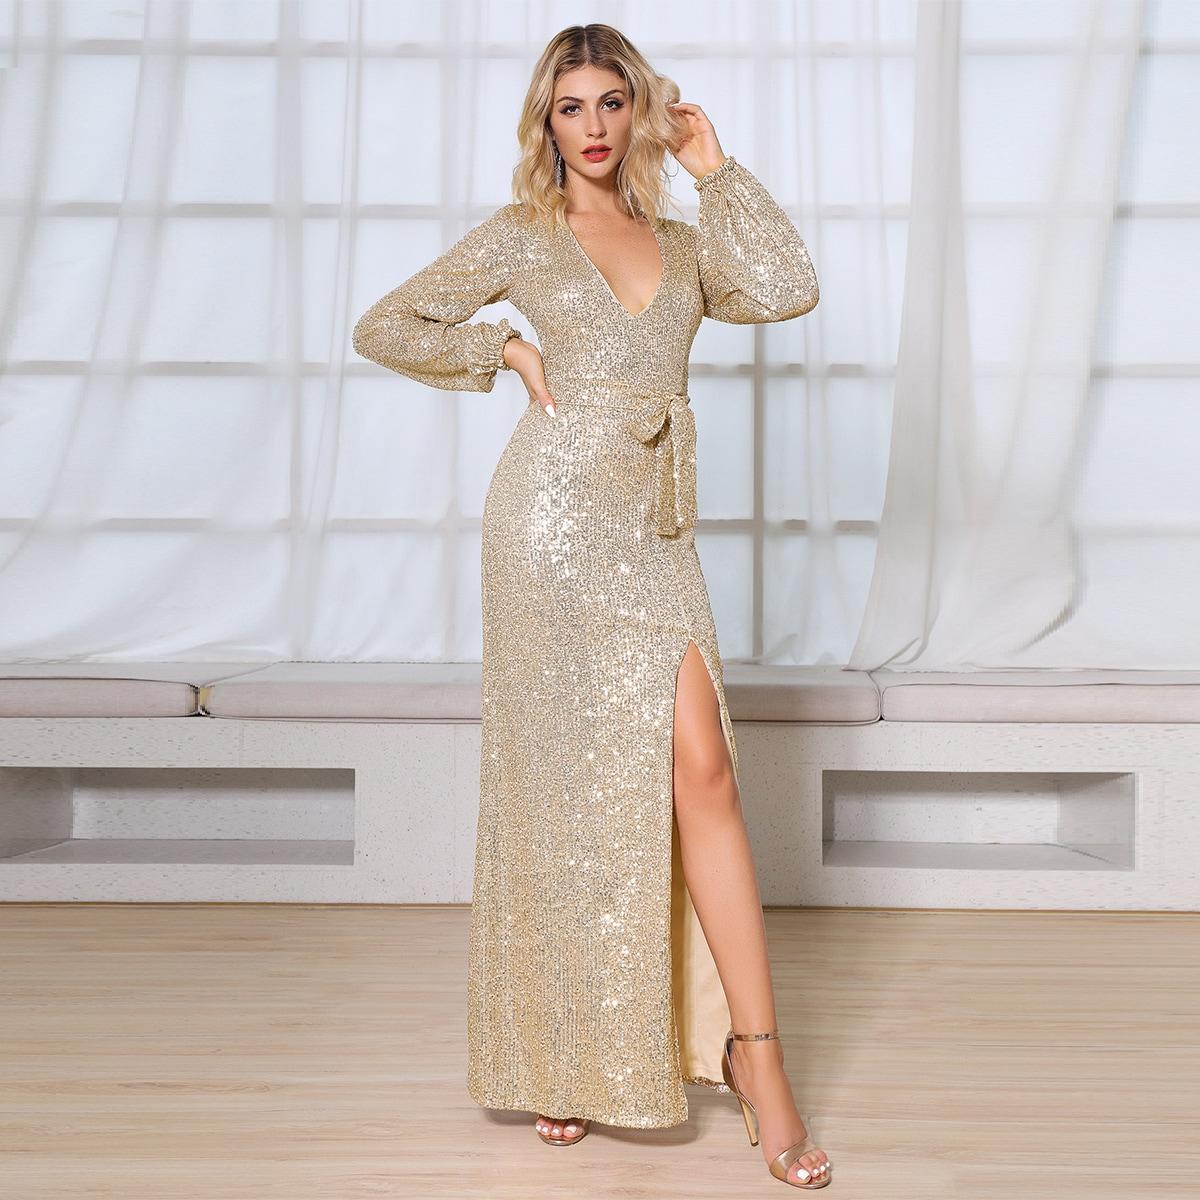 DKRX платье с глубоким вырезом, блестками и поясом Image